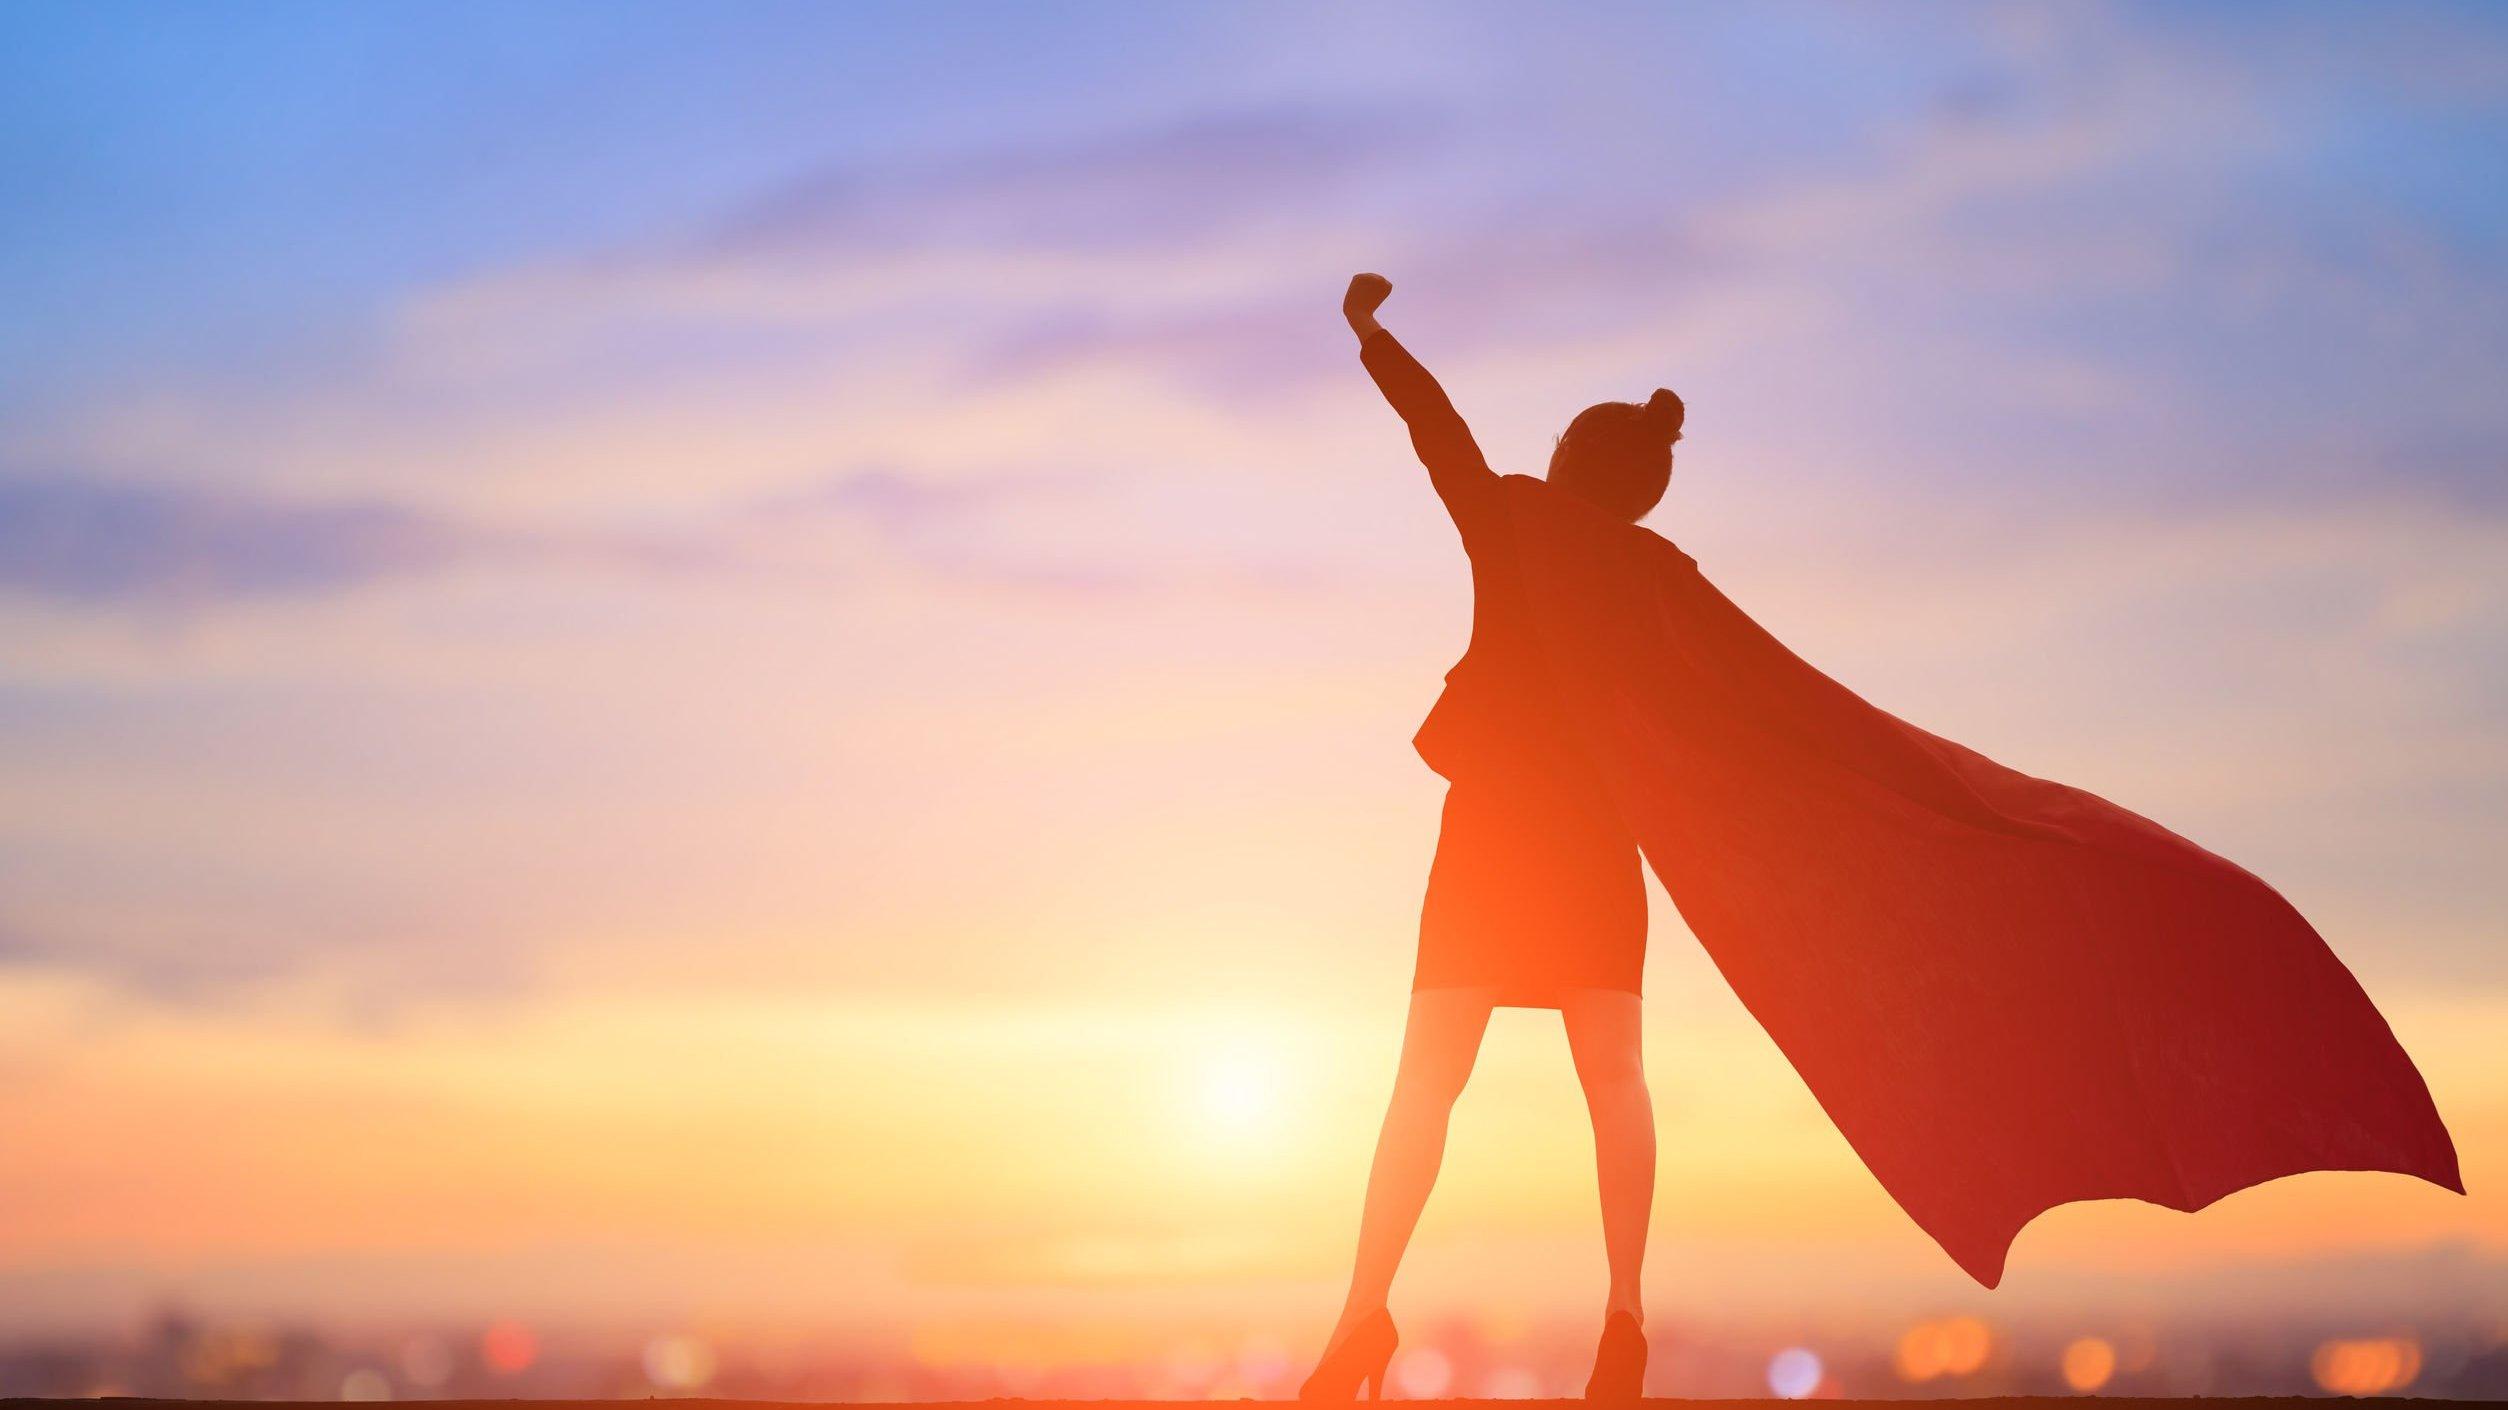 Mulher vestida com uma capa de heroína enquanto ergue um braço direcionado ao céu.